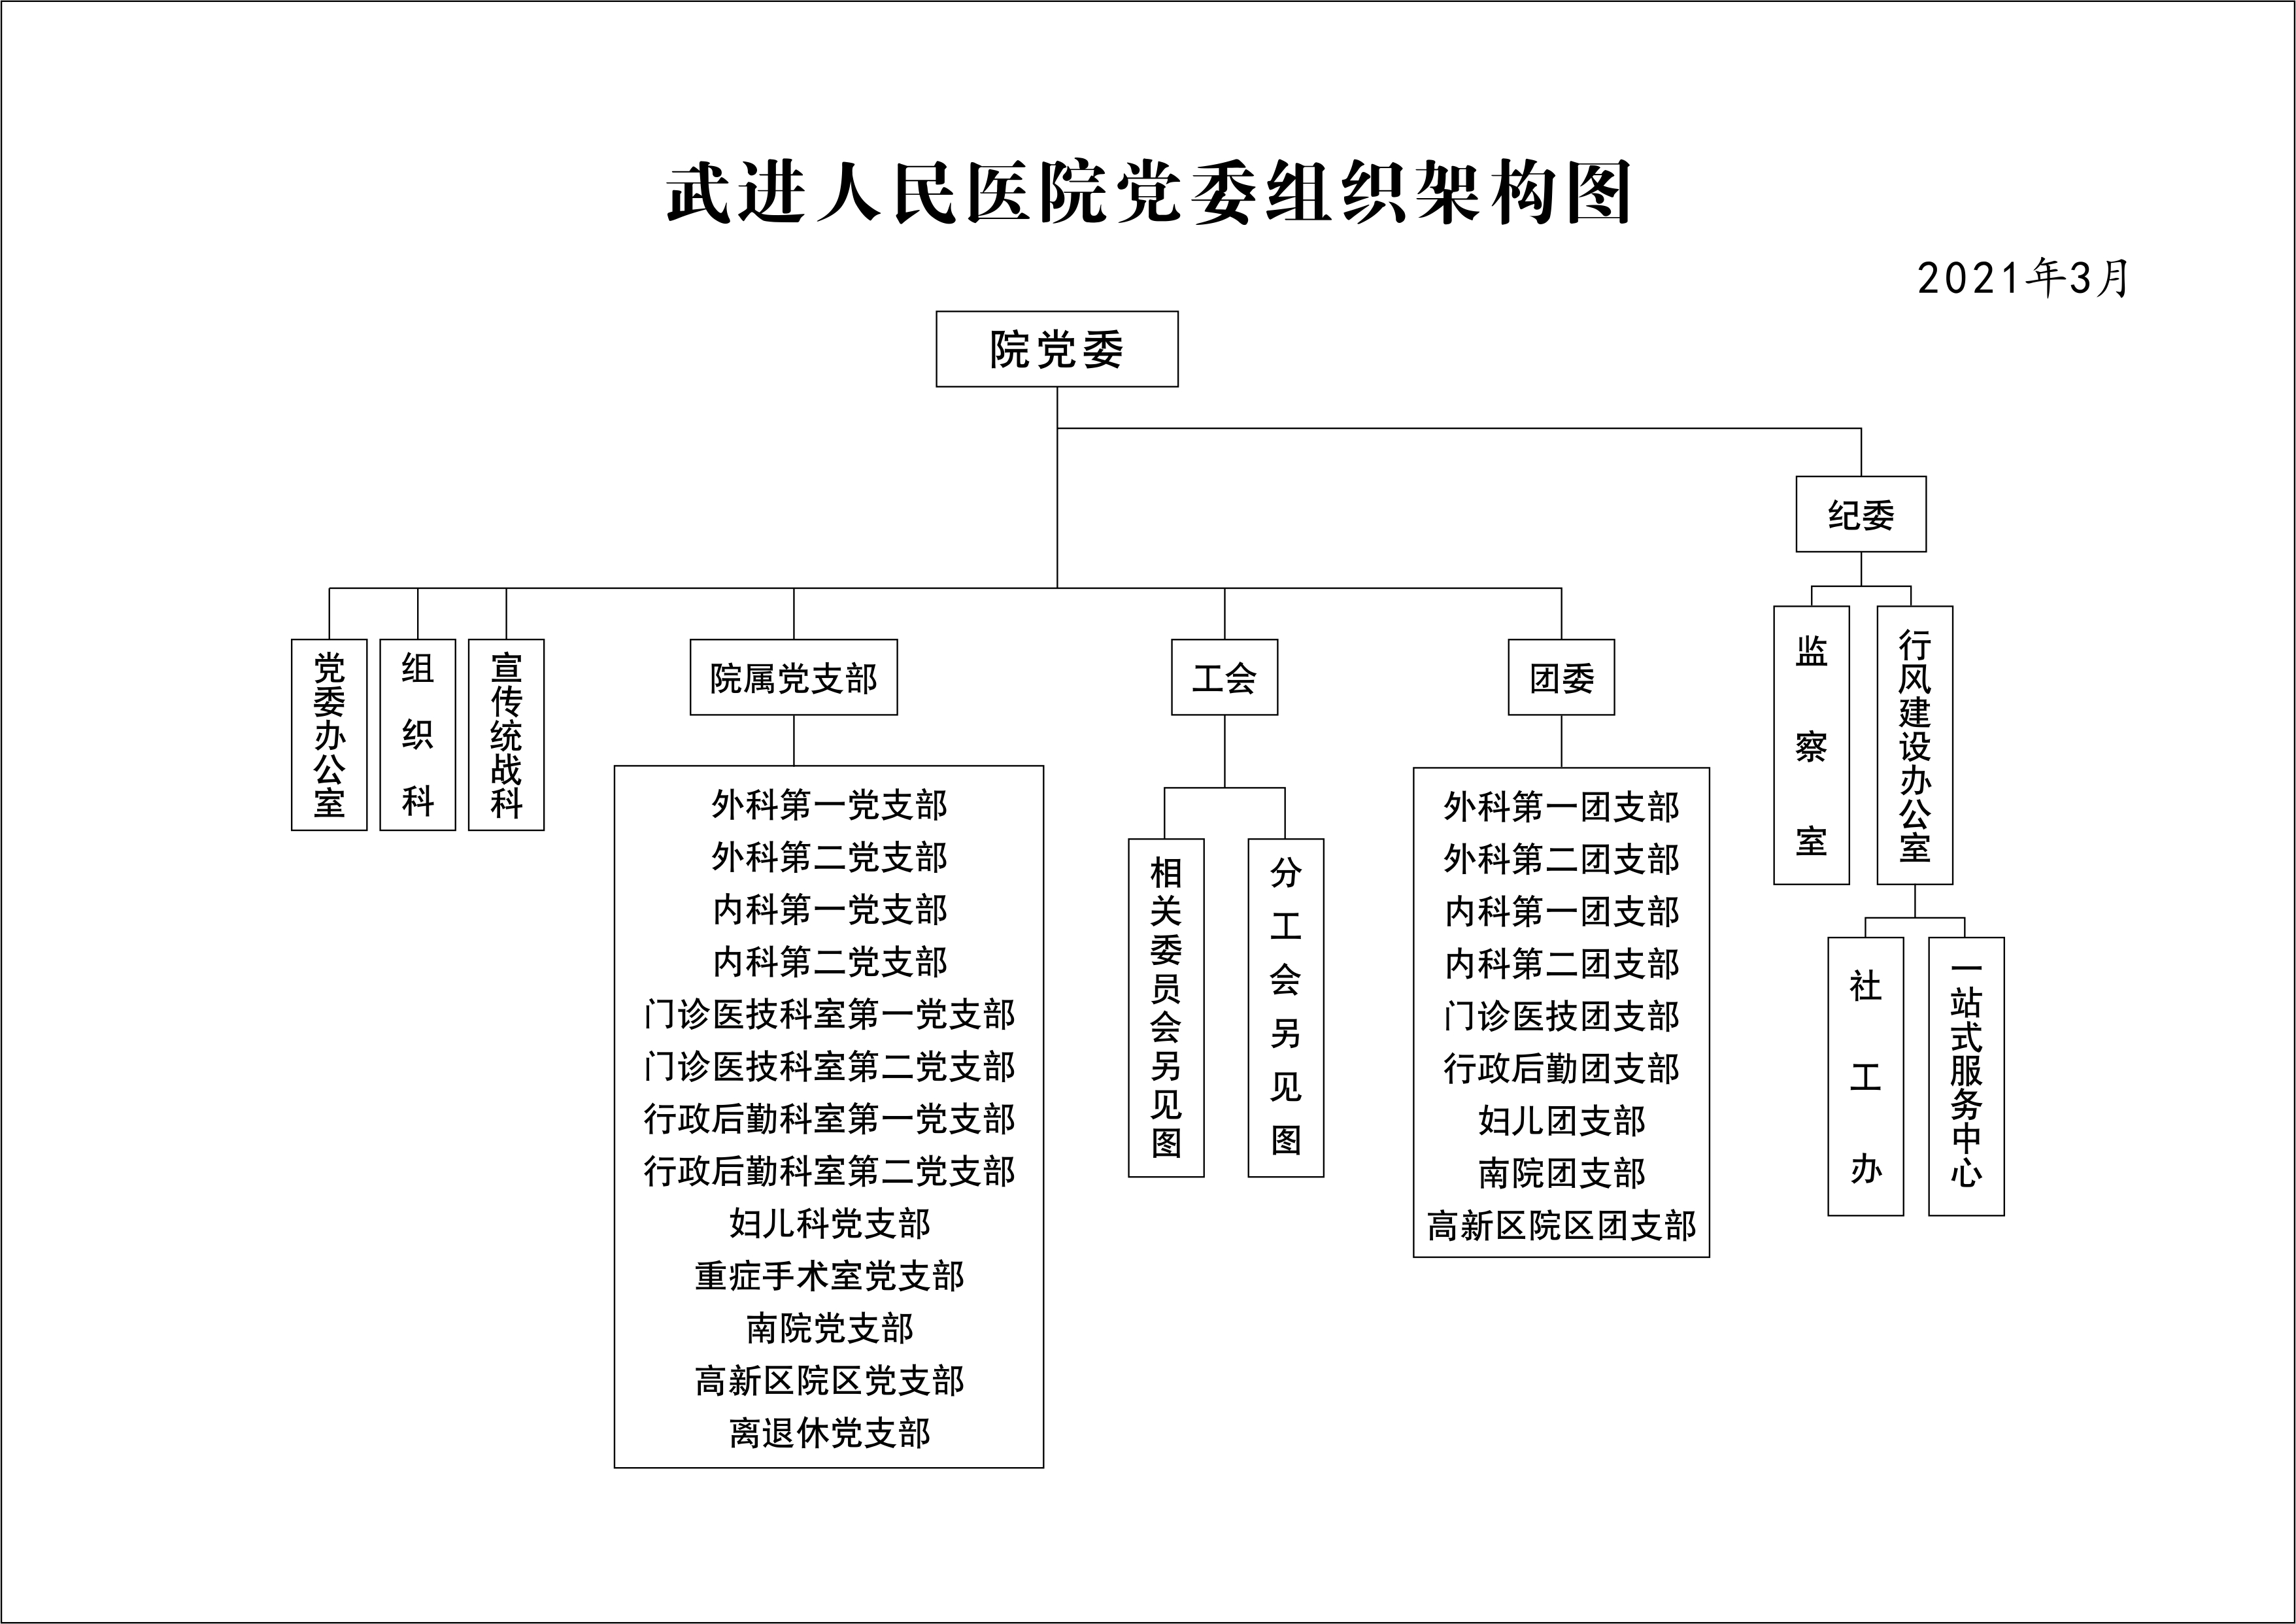 党委组织架构图(2021.03).jpg